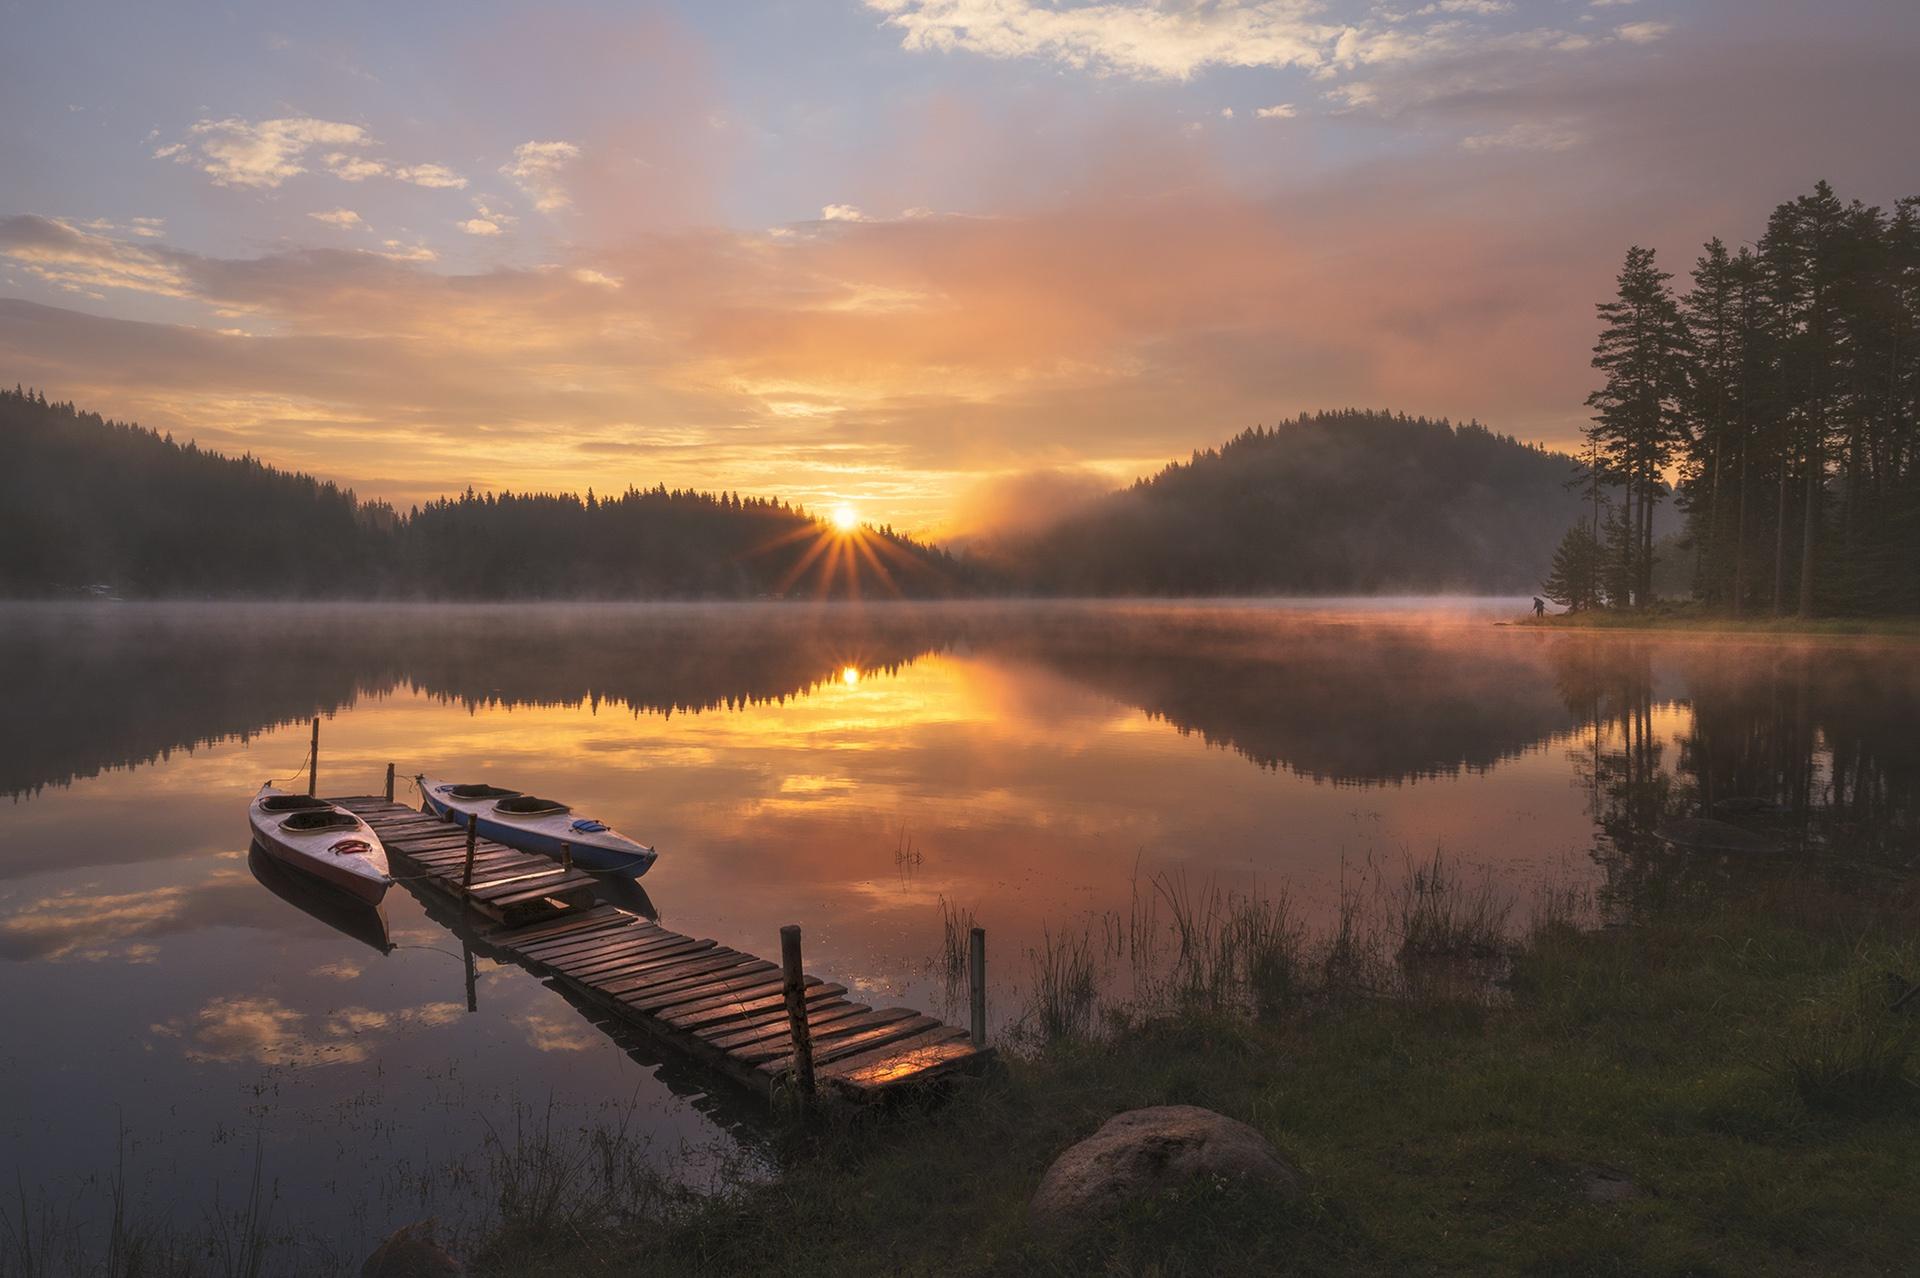 Sun Sunset River Boat 1920x1278